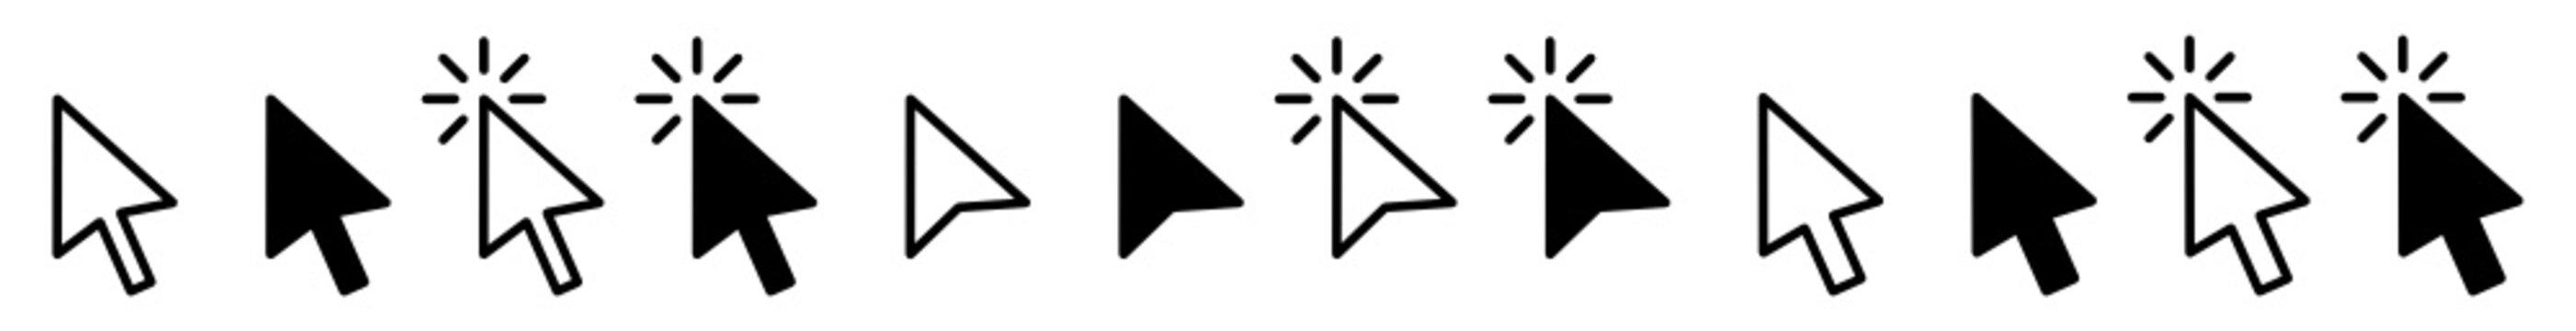 Mauszeiger Icon